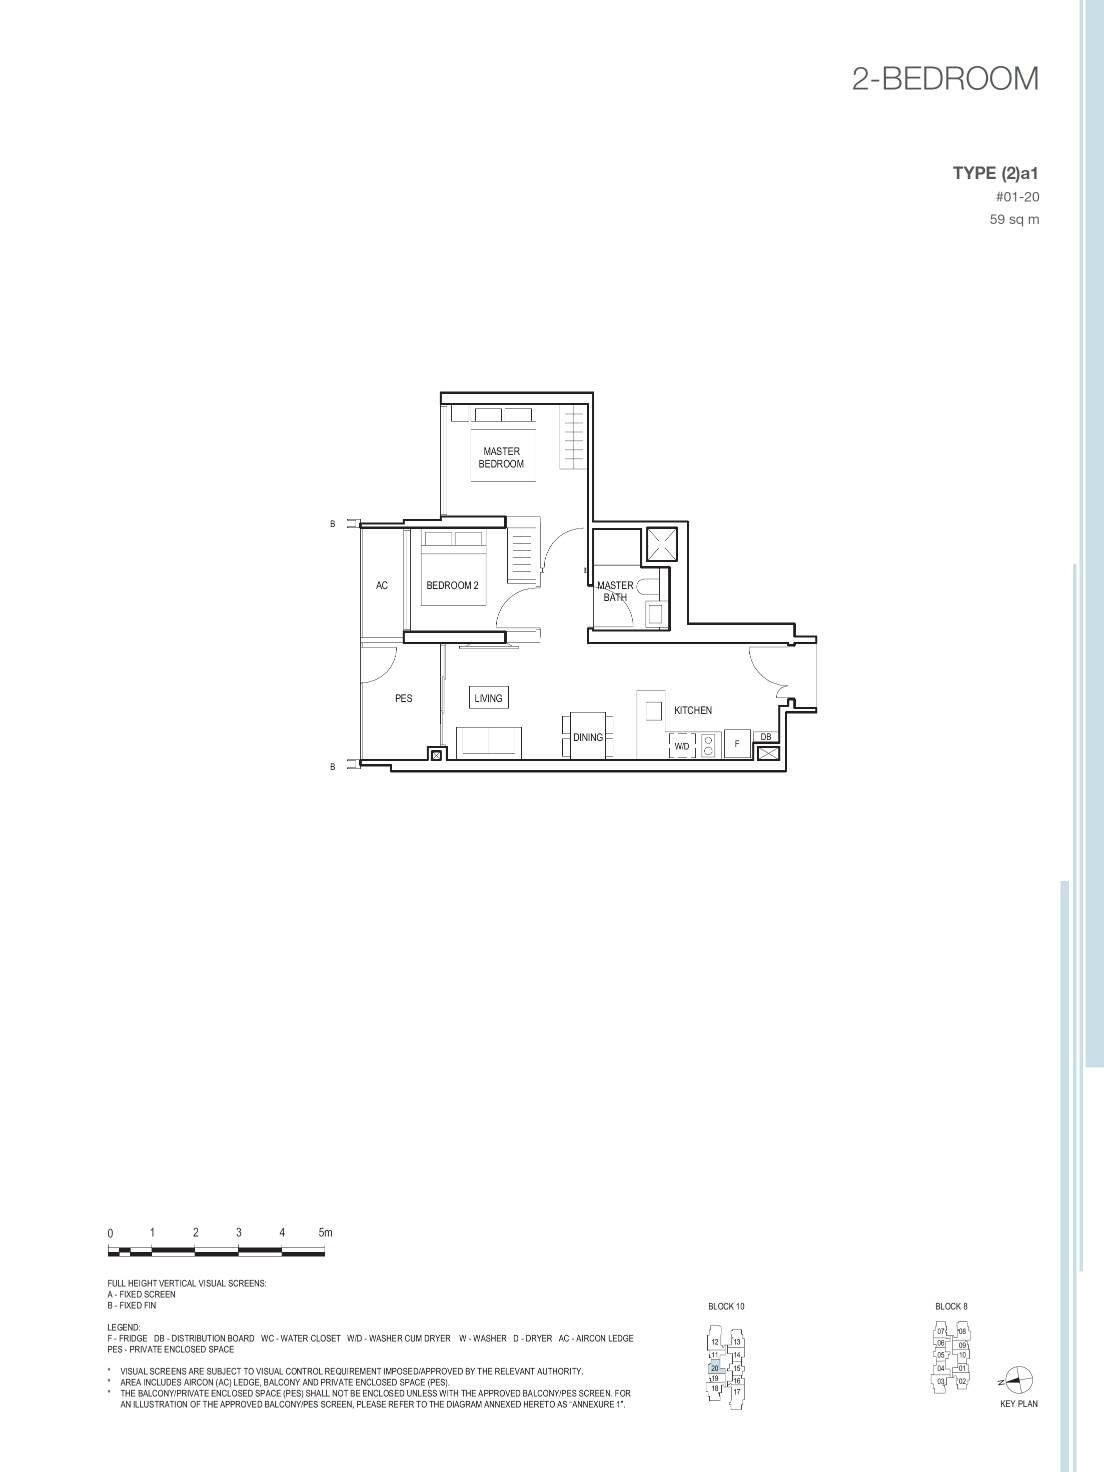 Midwood Midwood Floorplan 2a1